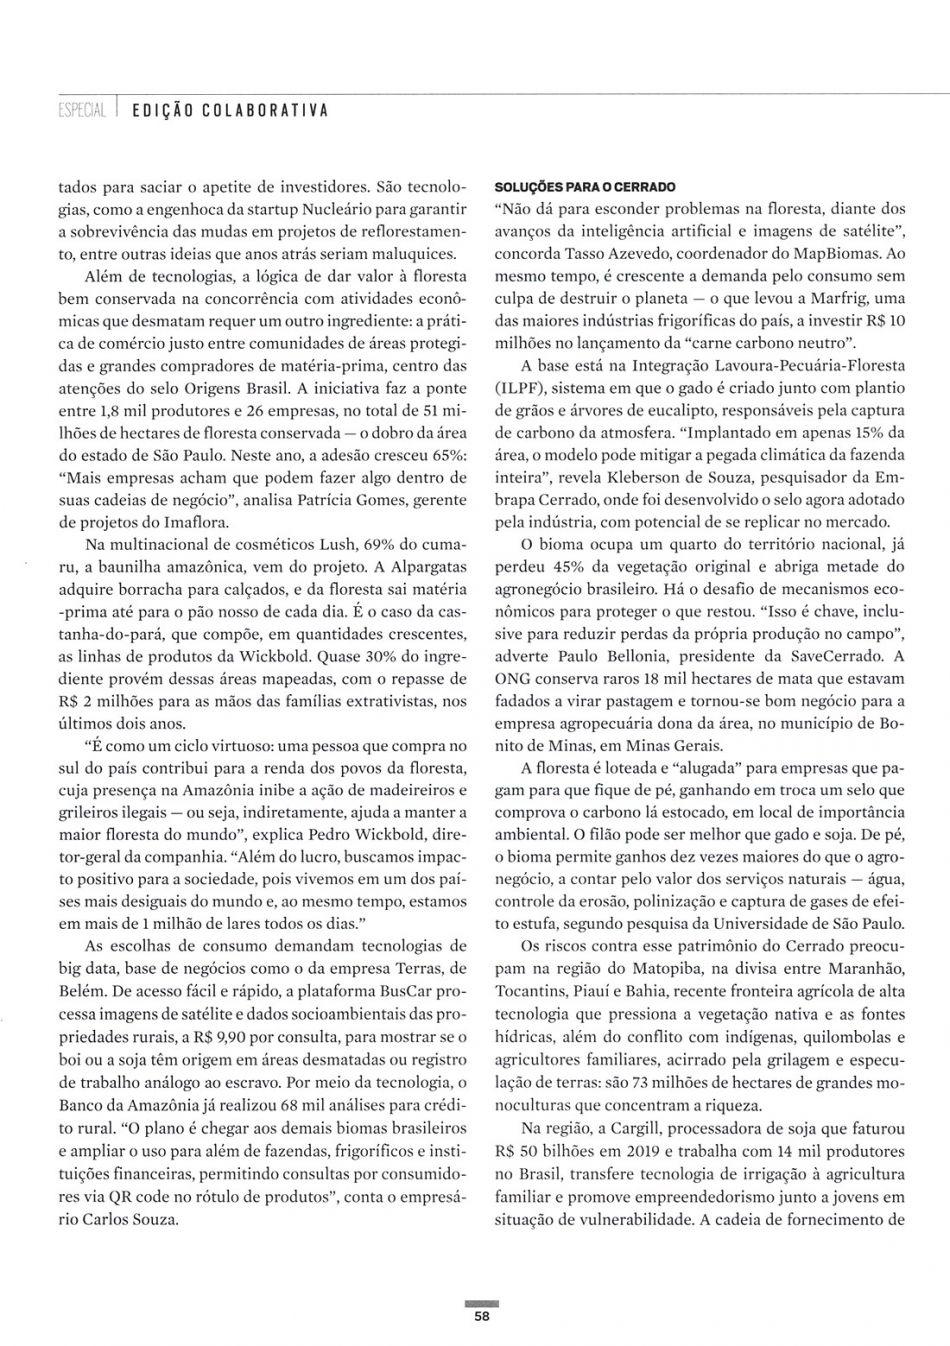 Biomas de pé = empresas saudáveis - Época Negócios